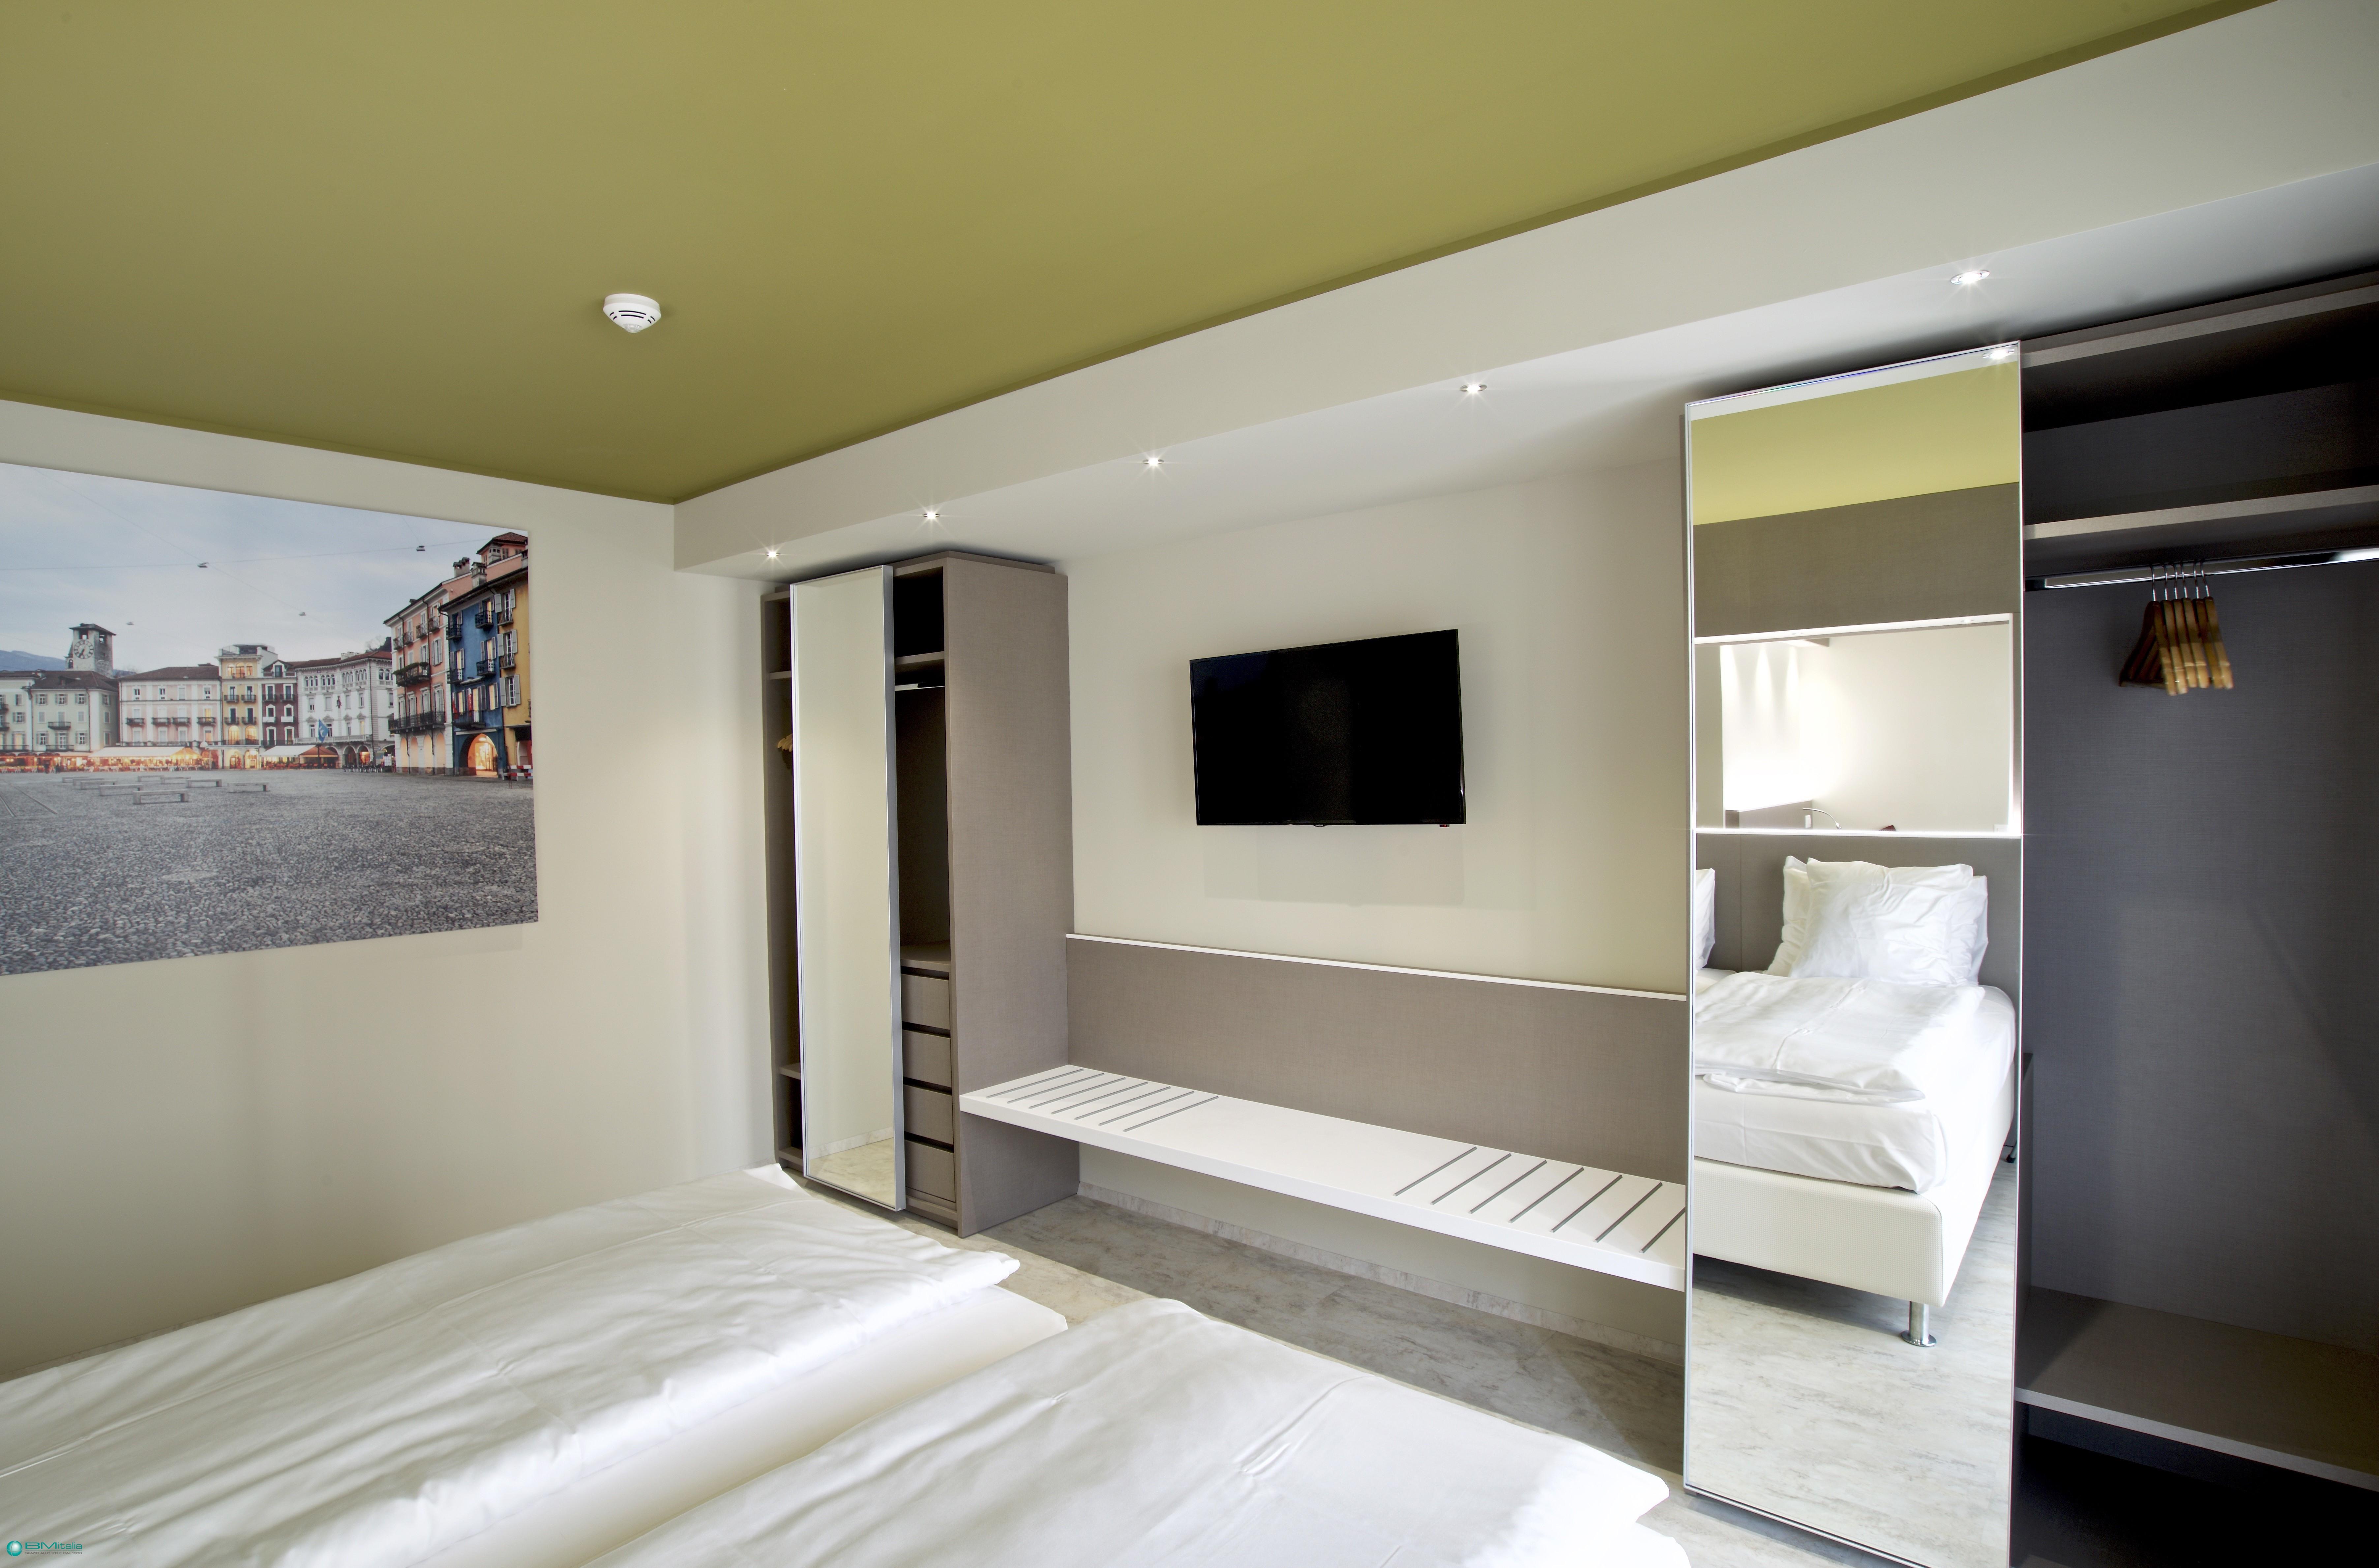 Contract d 39 eccellenza per alberghi spazi commerciali e for Bm arredamenti